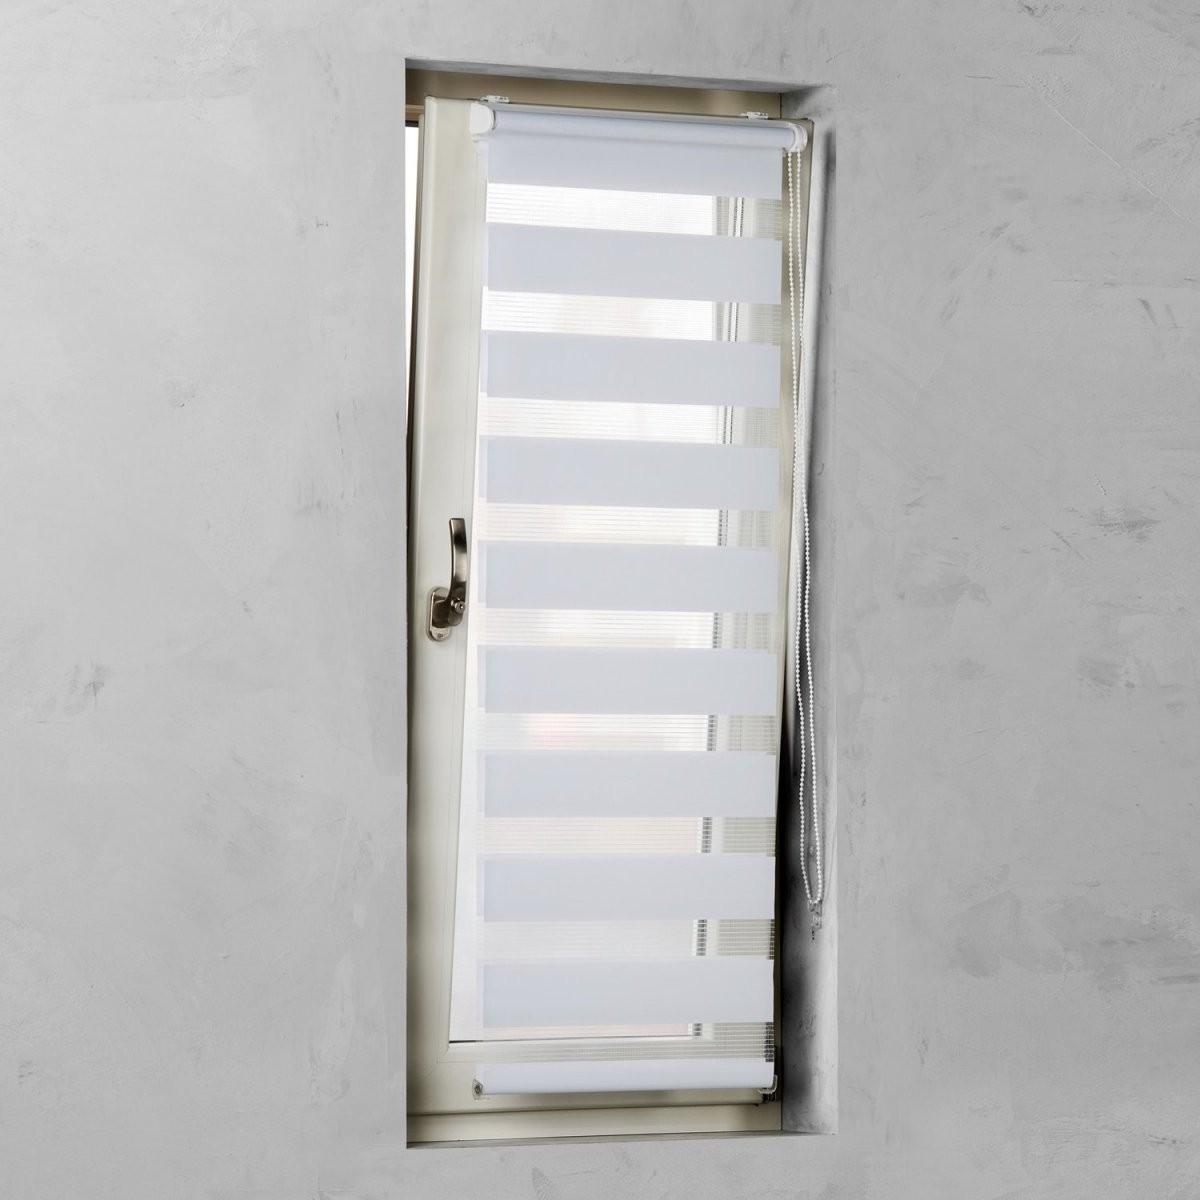 Cocoon Easy Fix Doppelrollo Tageslicht Weiß 45 Cm X 150 Cm Kaufen von Doppelrollo 75 Cm Breit Bild